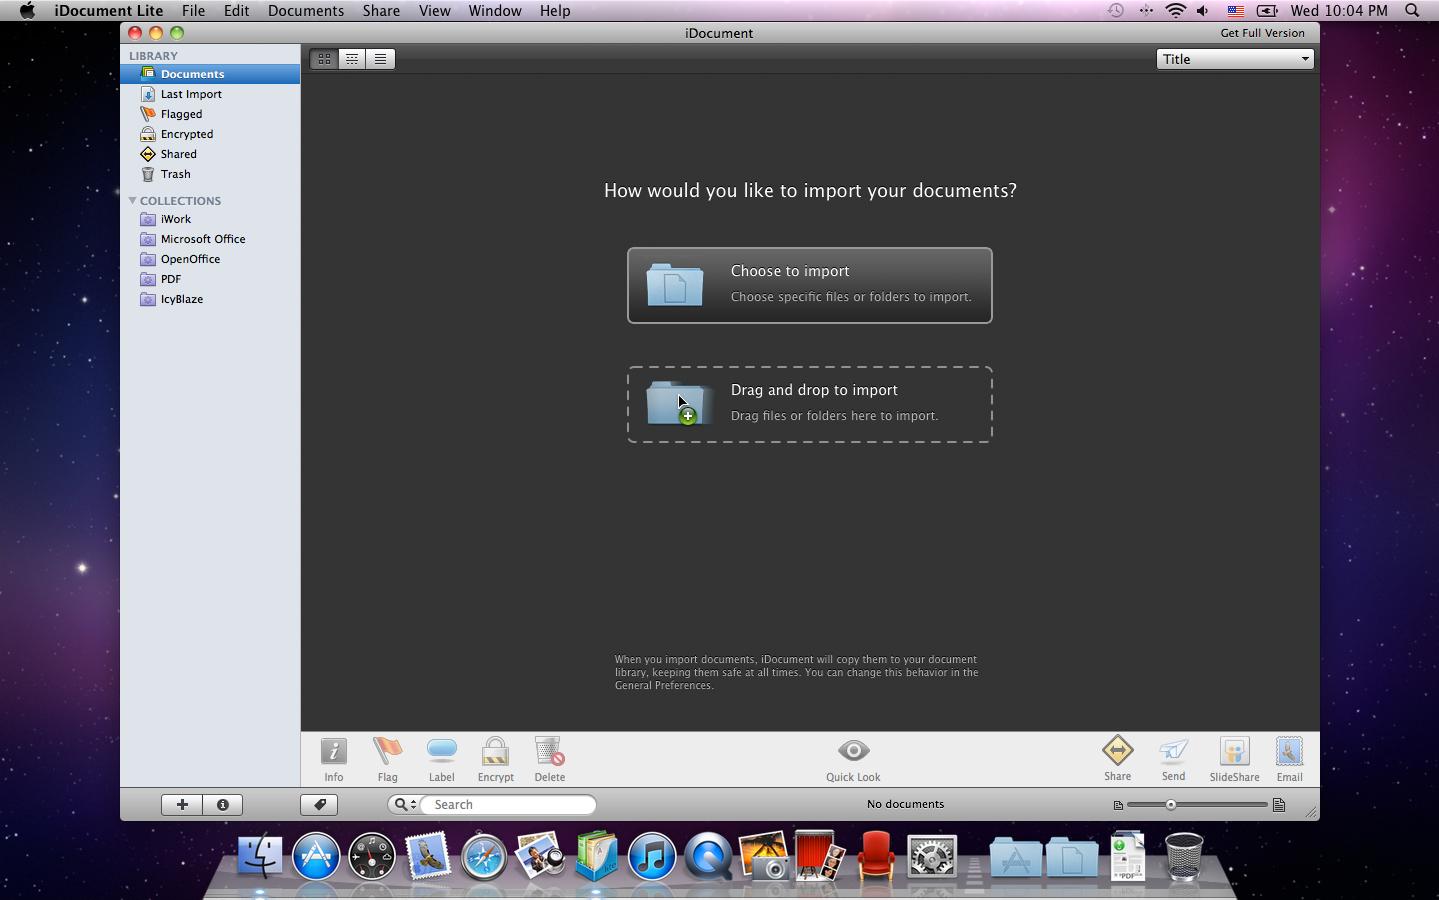 iDocument Screenshot